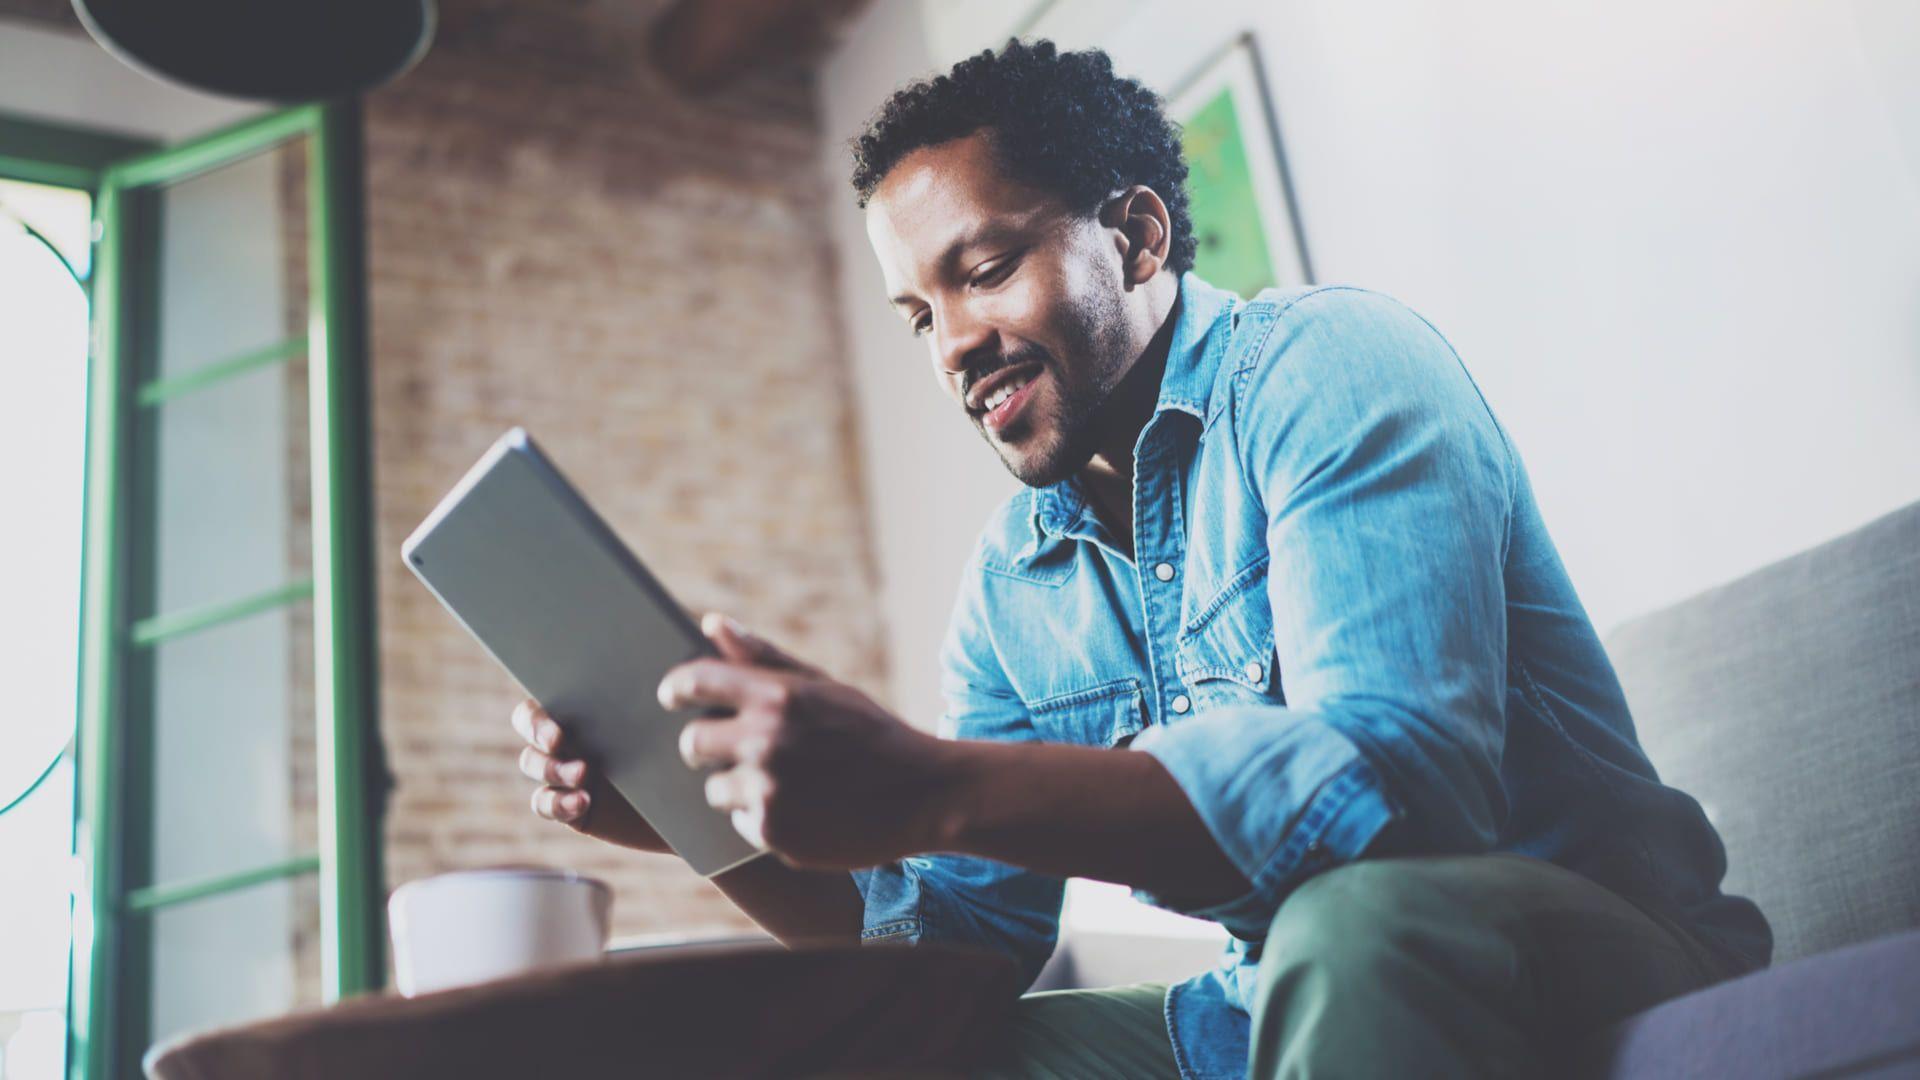 Saiba agora quais foram os tablets mais vendidos em março (Foto: Shutterstock)